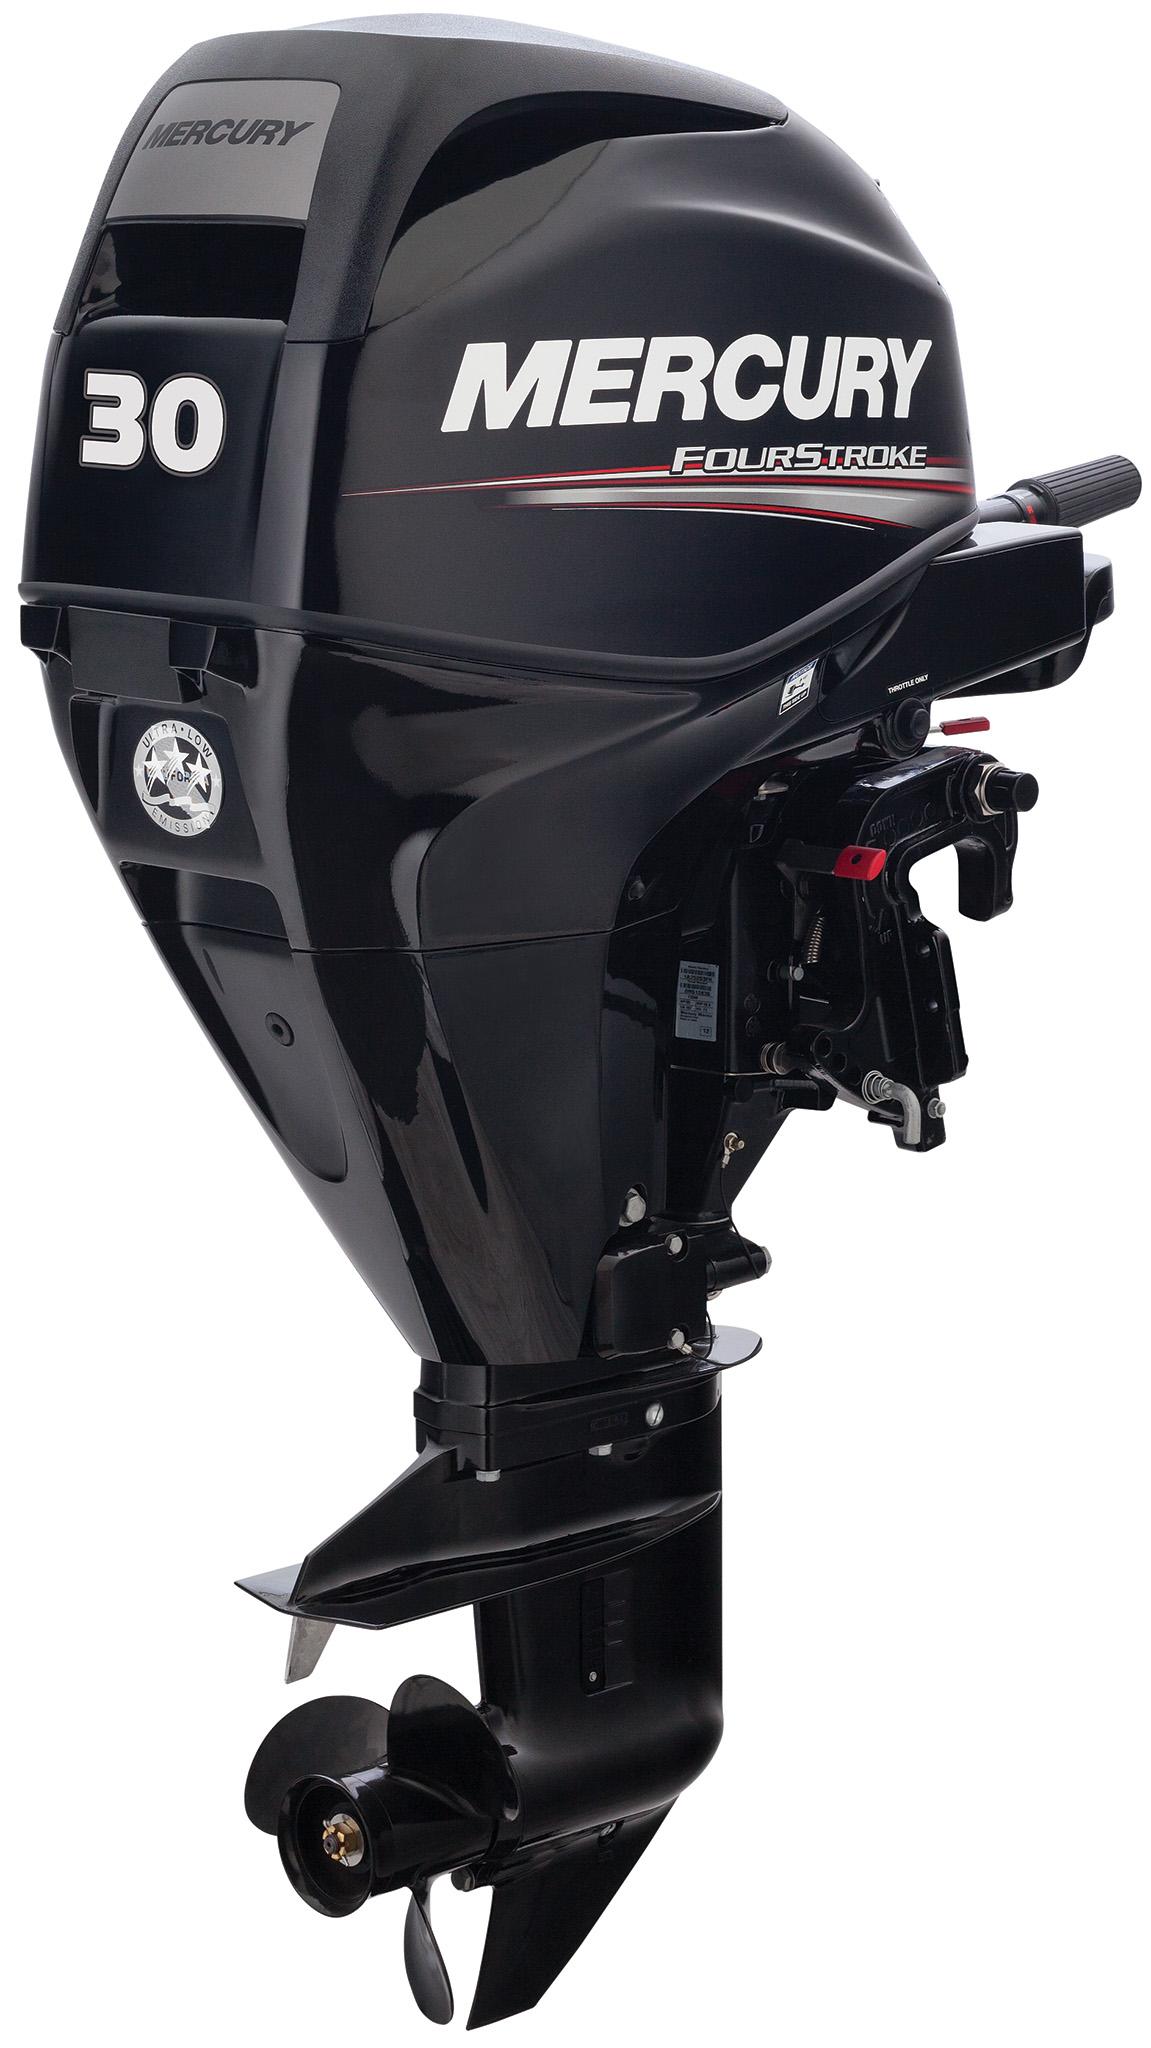 Четырехтактный лодочный мотор MERCURY F30 ML GA EFI - 1